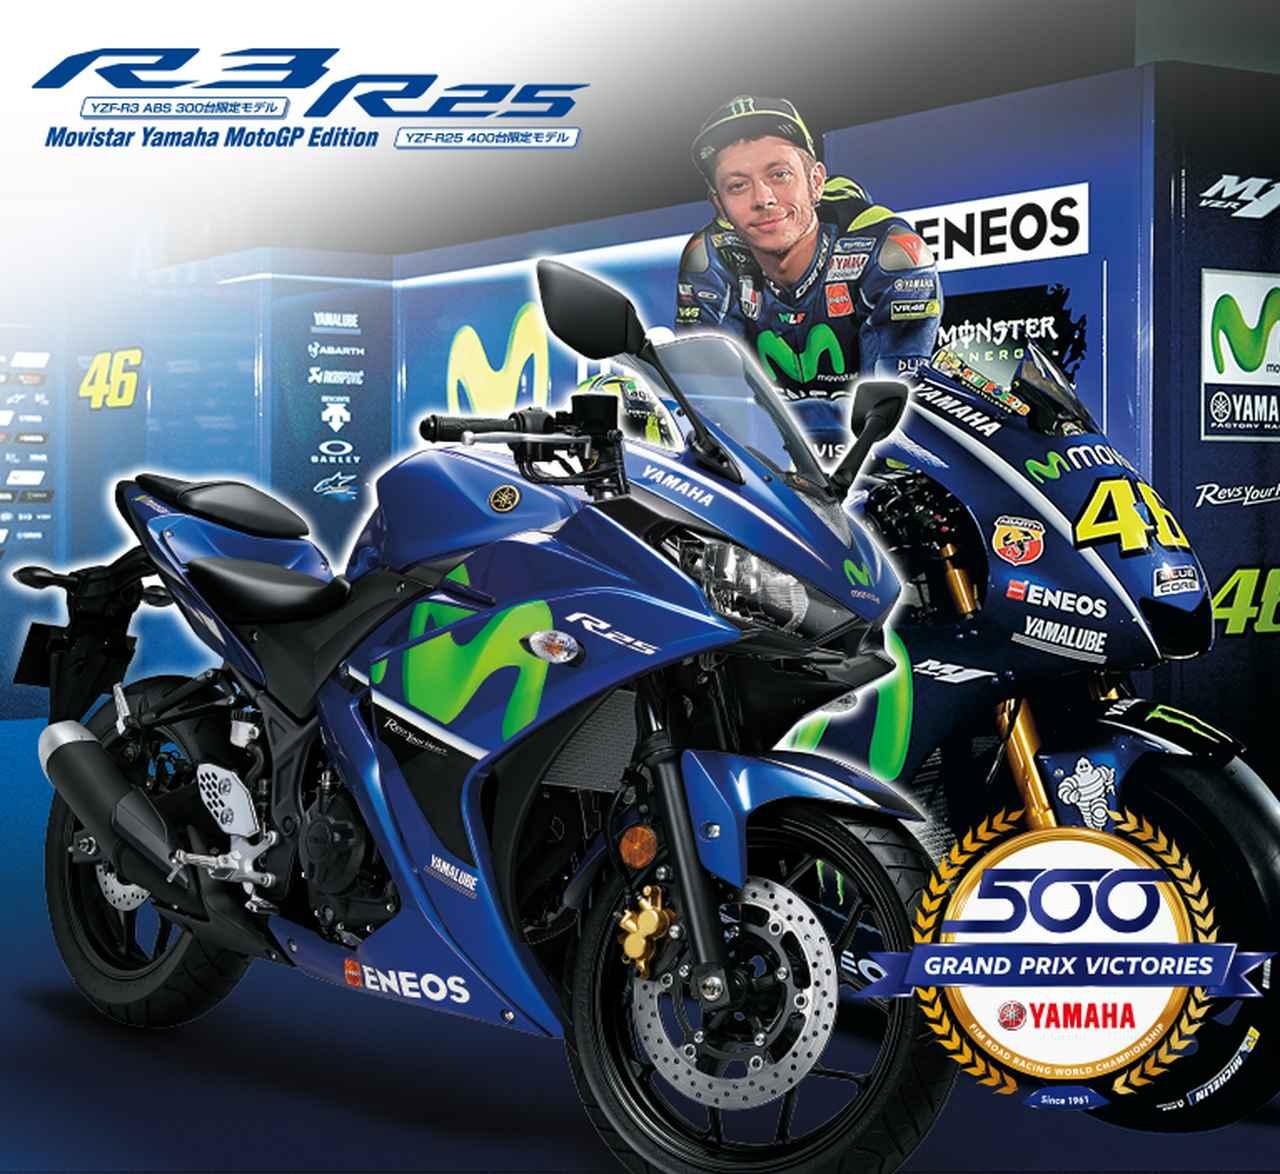 画像: YZF-R3/YZF-R25 Movistar Yamaha MotoGP Edition - バイク・スクーター ヤマハ発動機株式会社